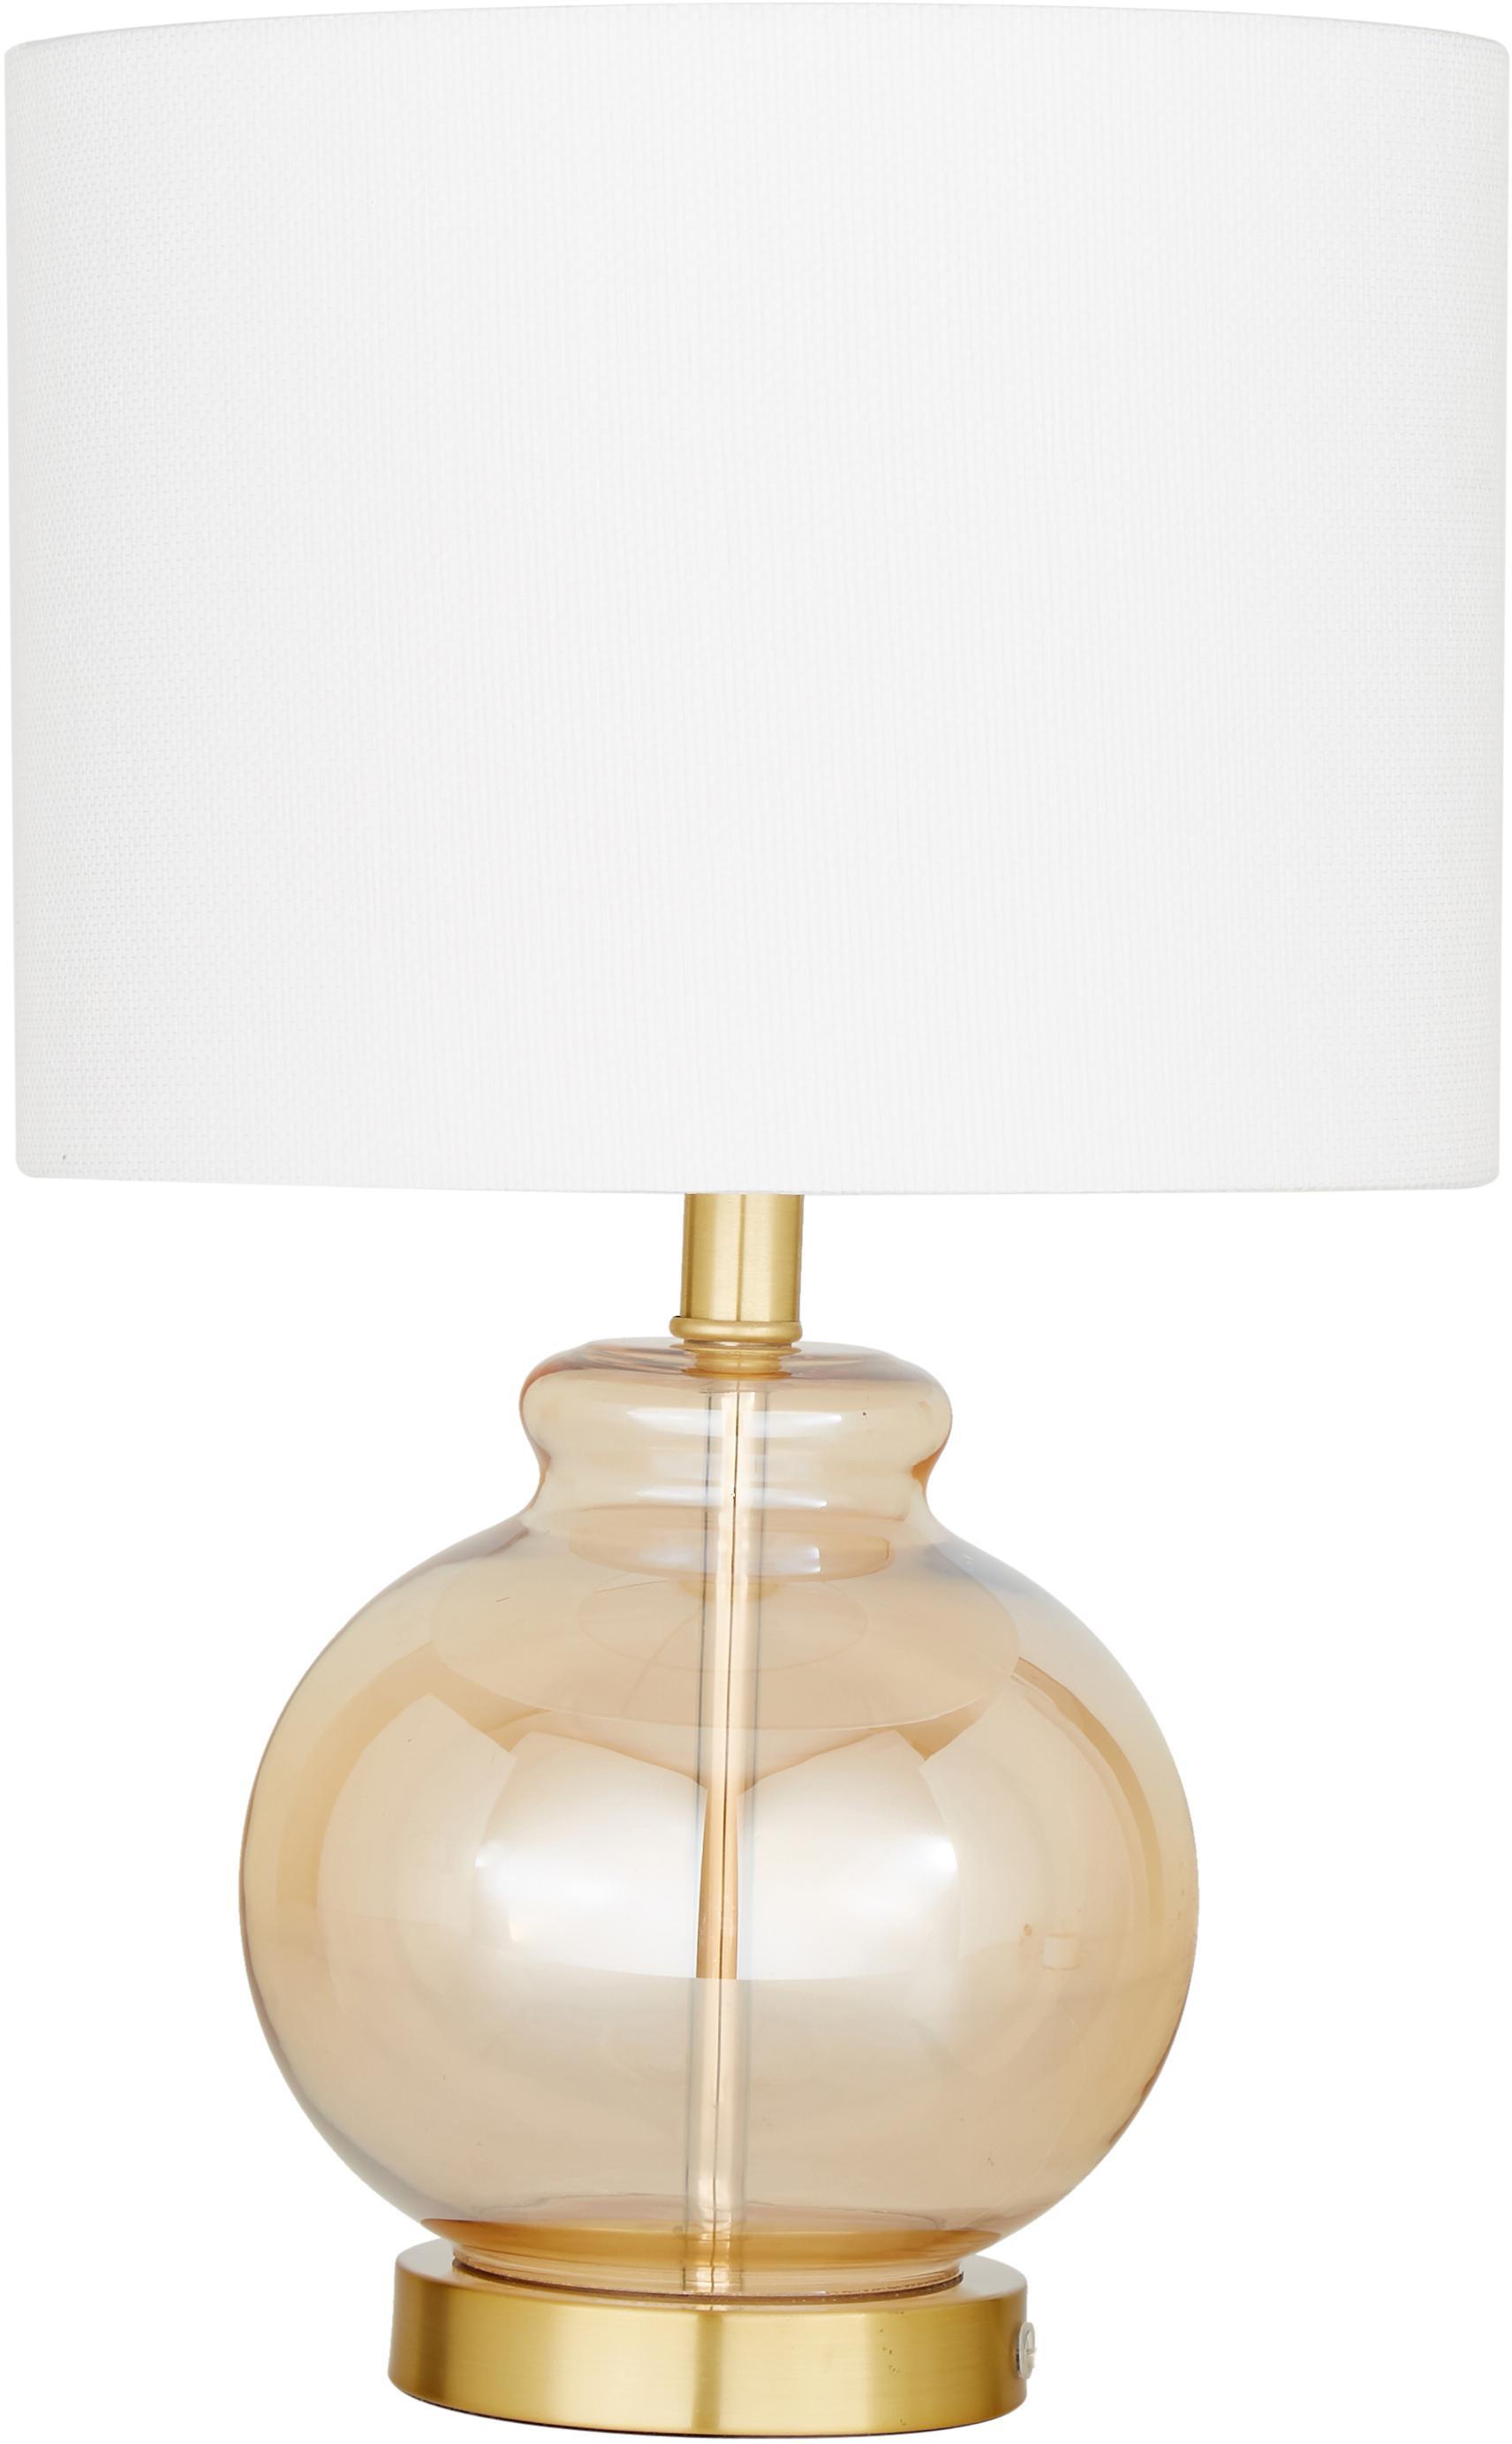 Lampa stołowa Natty, Biały, odcienie bursztynowego, transparentny, Ø 31 x W 48 cm